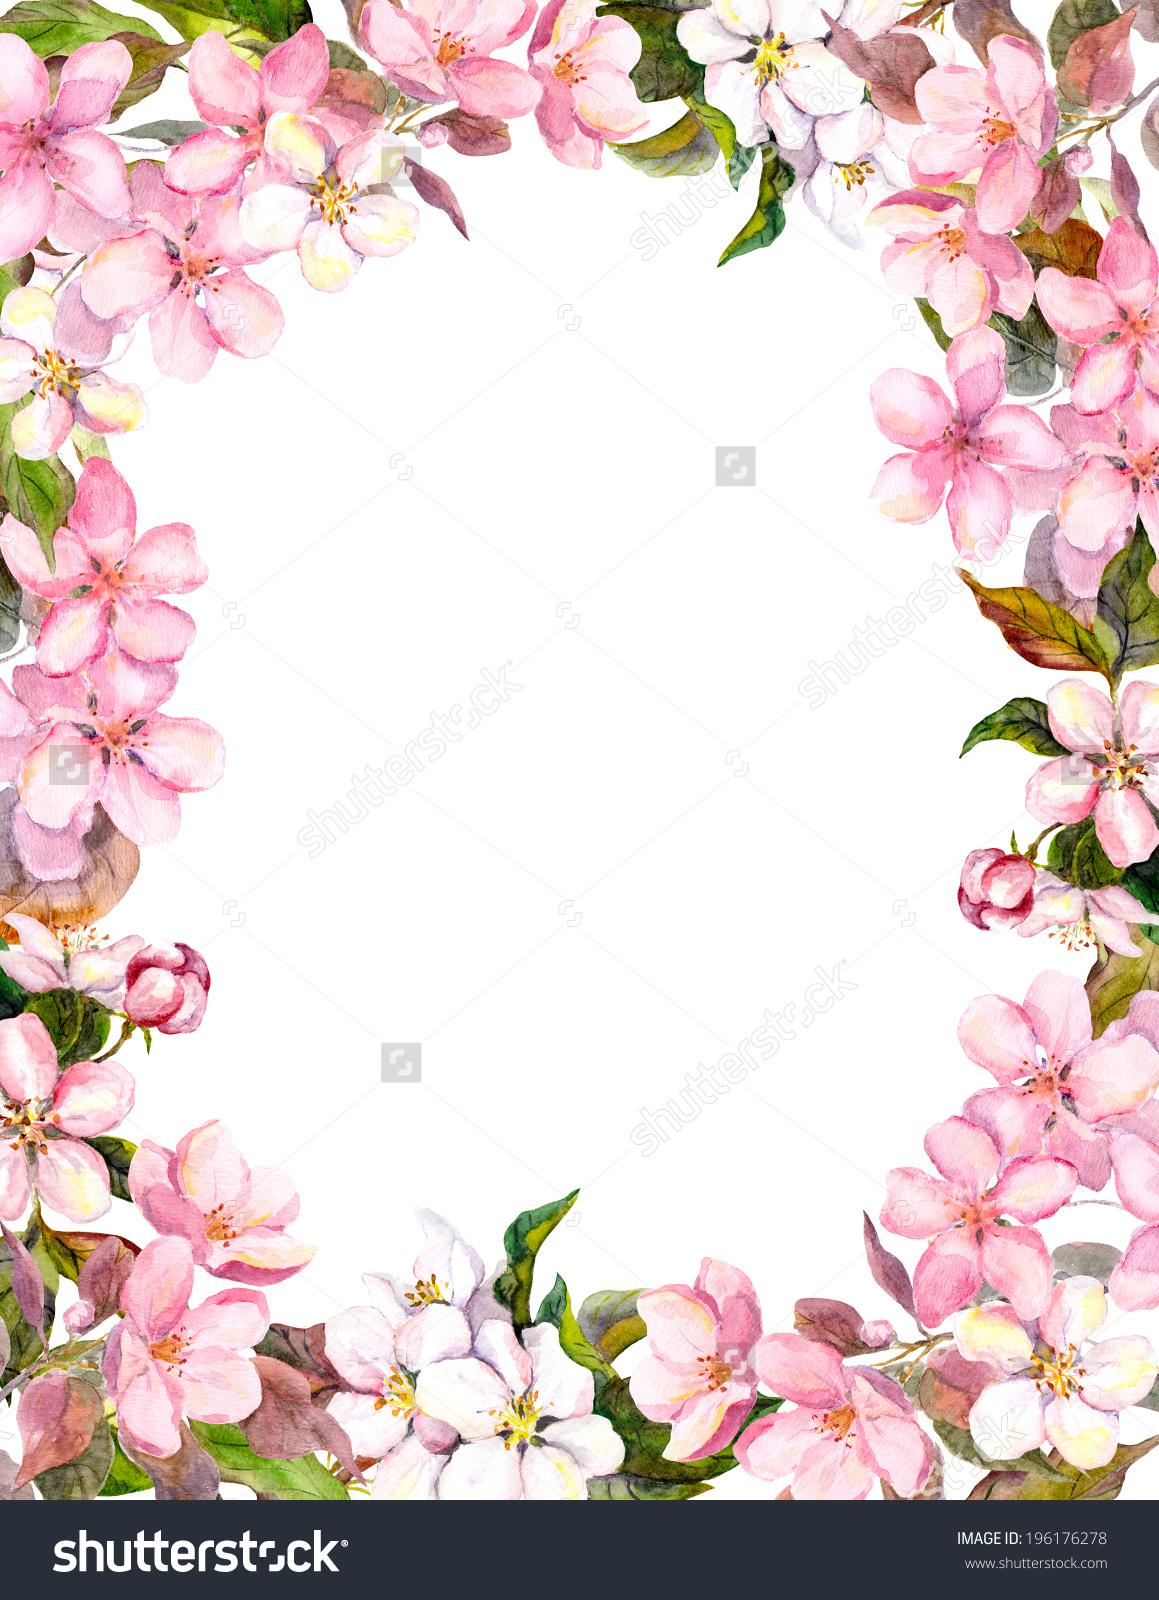 45 Japanese Cherry Blossom Wallpaper Border On